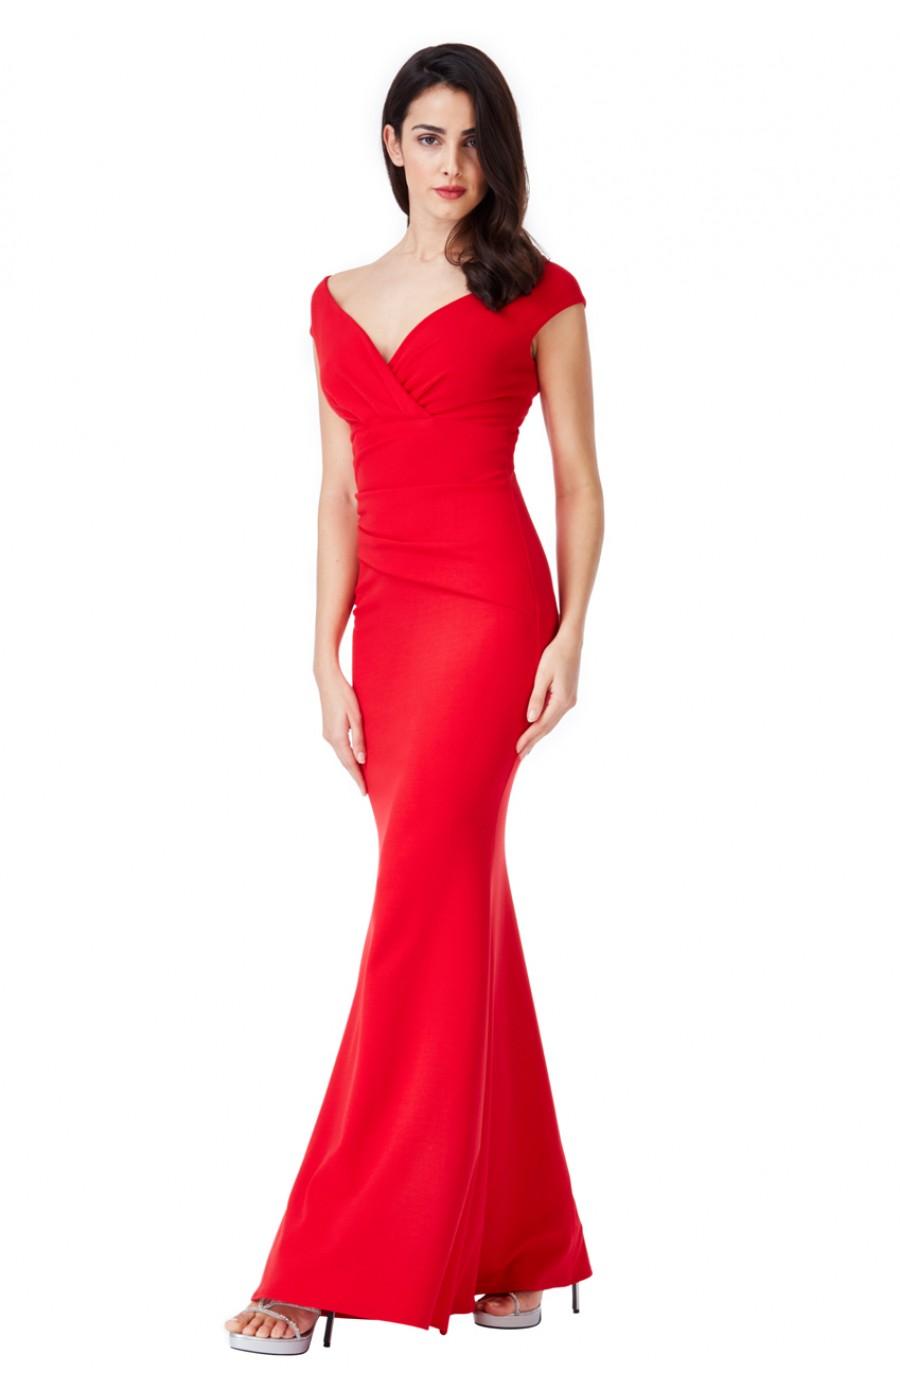 Κοκκινο εφαρμοστό κρέπ φόρεμα